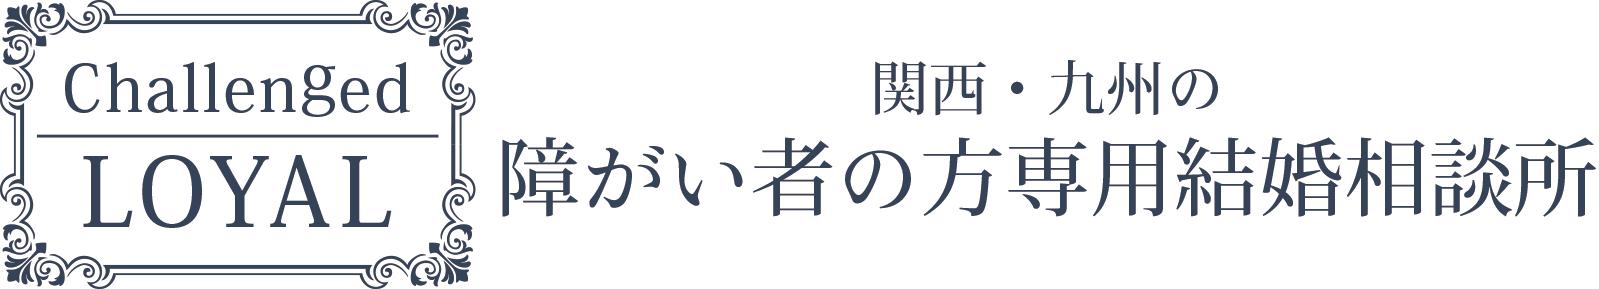 福岡の障がい者専用の結婚相談所 チャレンジド・ロイヤル